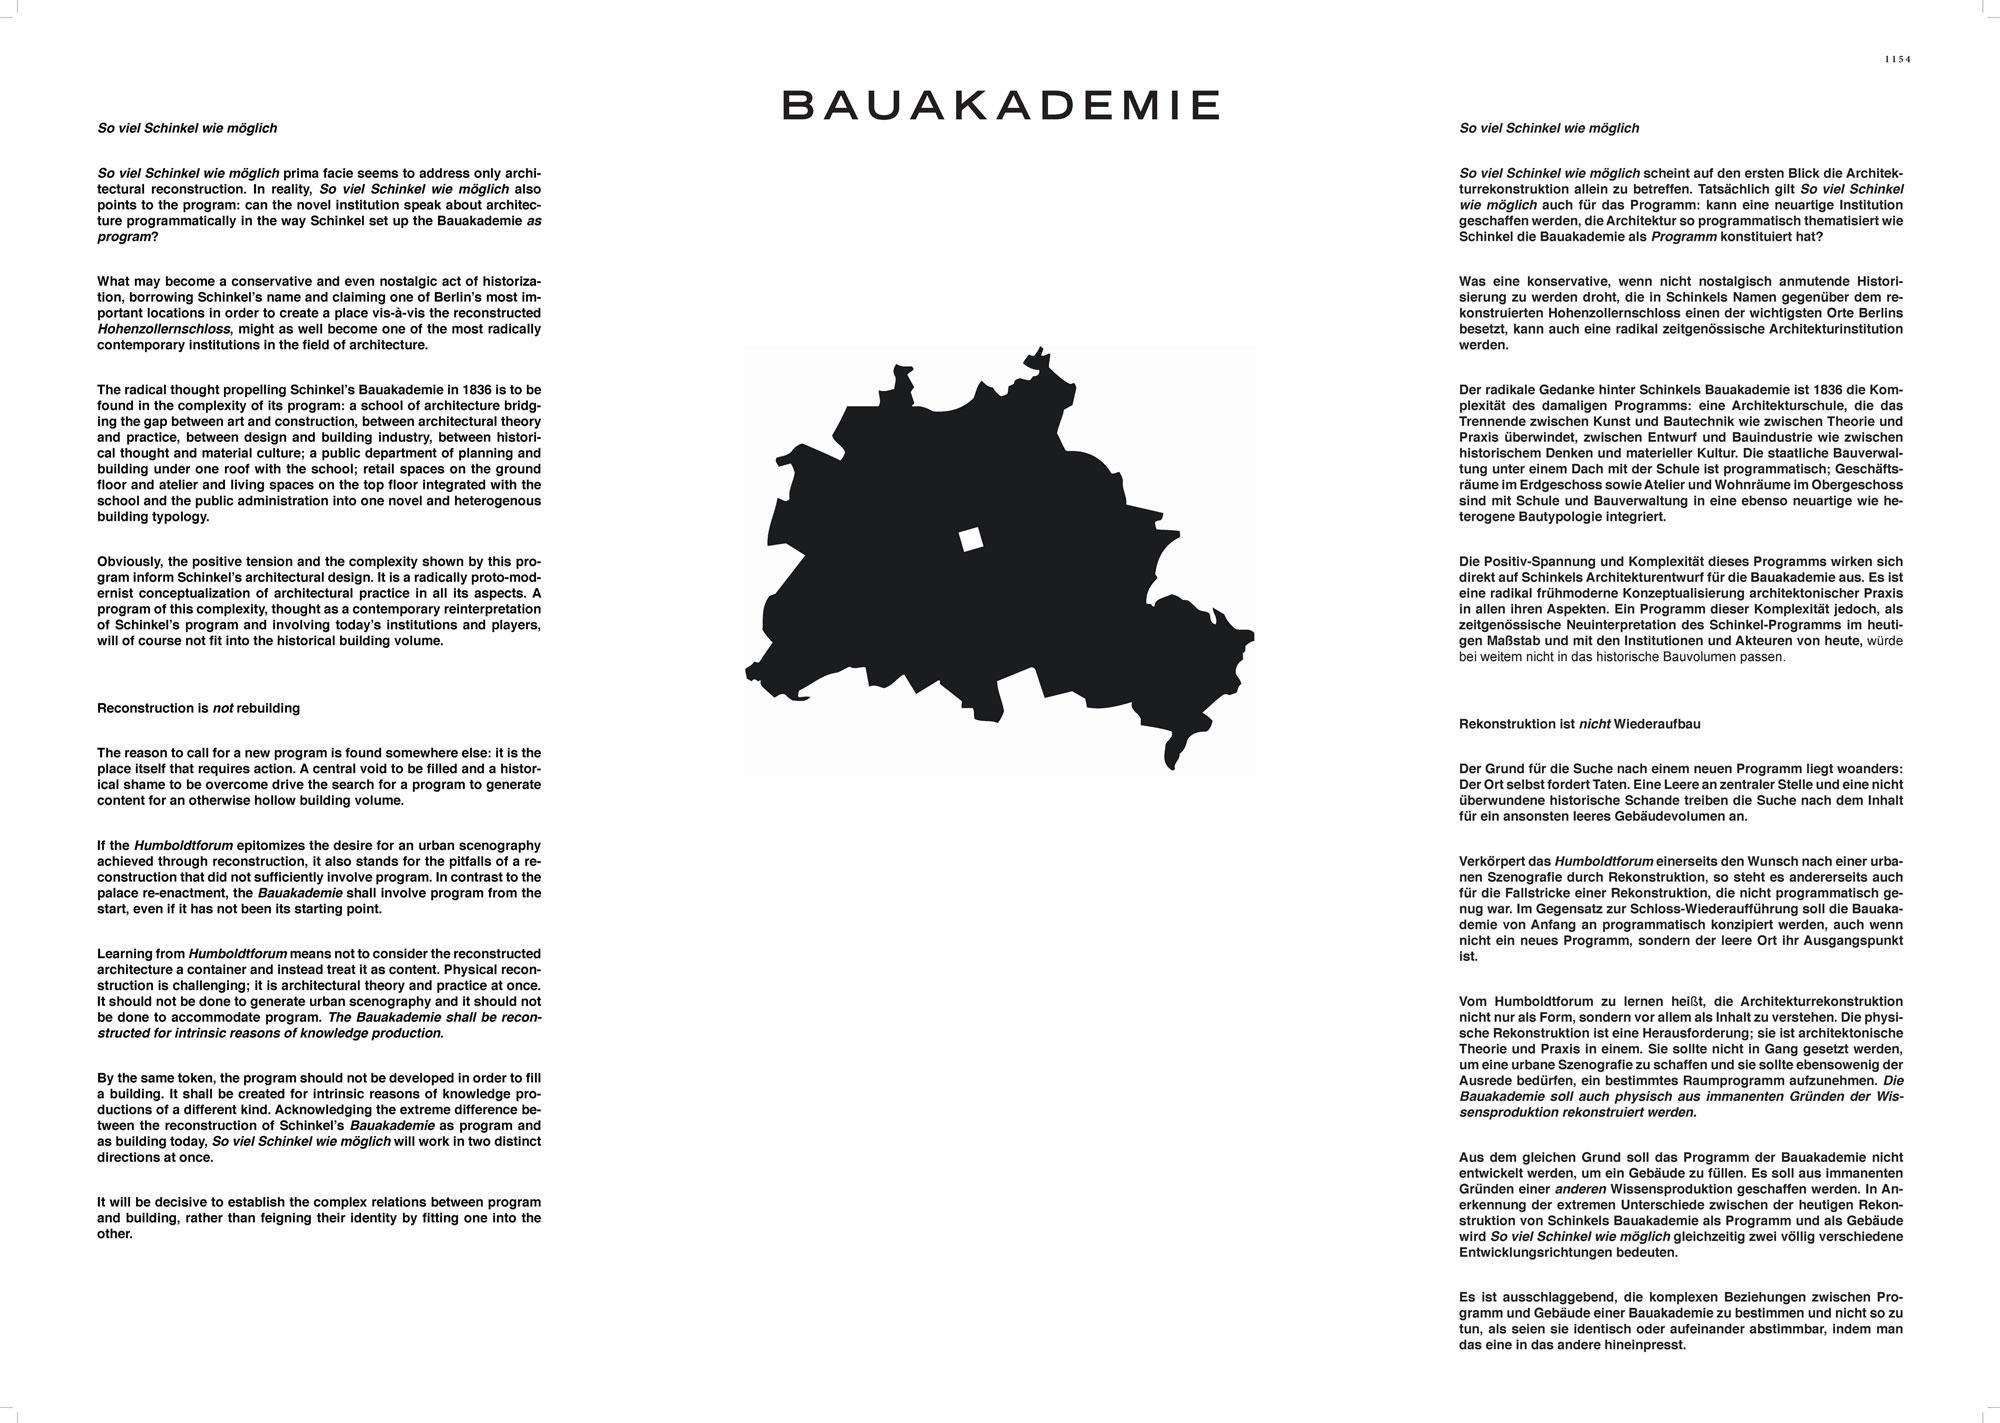 Ergebnis: Wiedererrichtung der Bauakademie Berlin al...competitionline